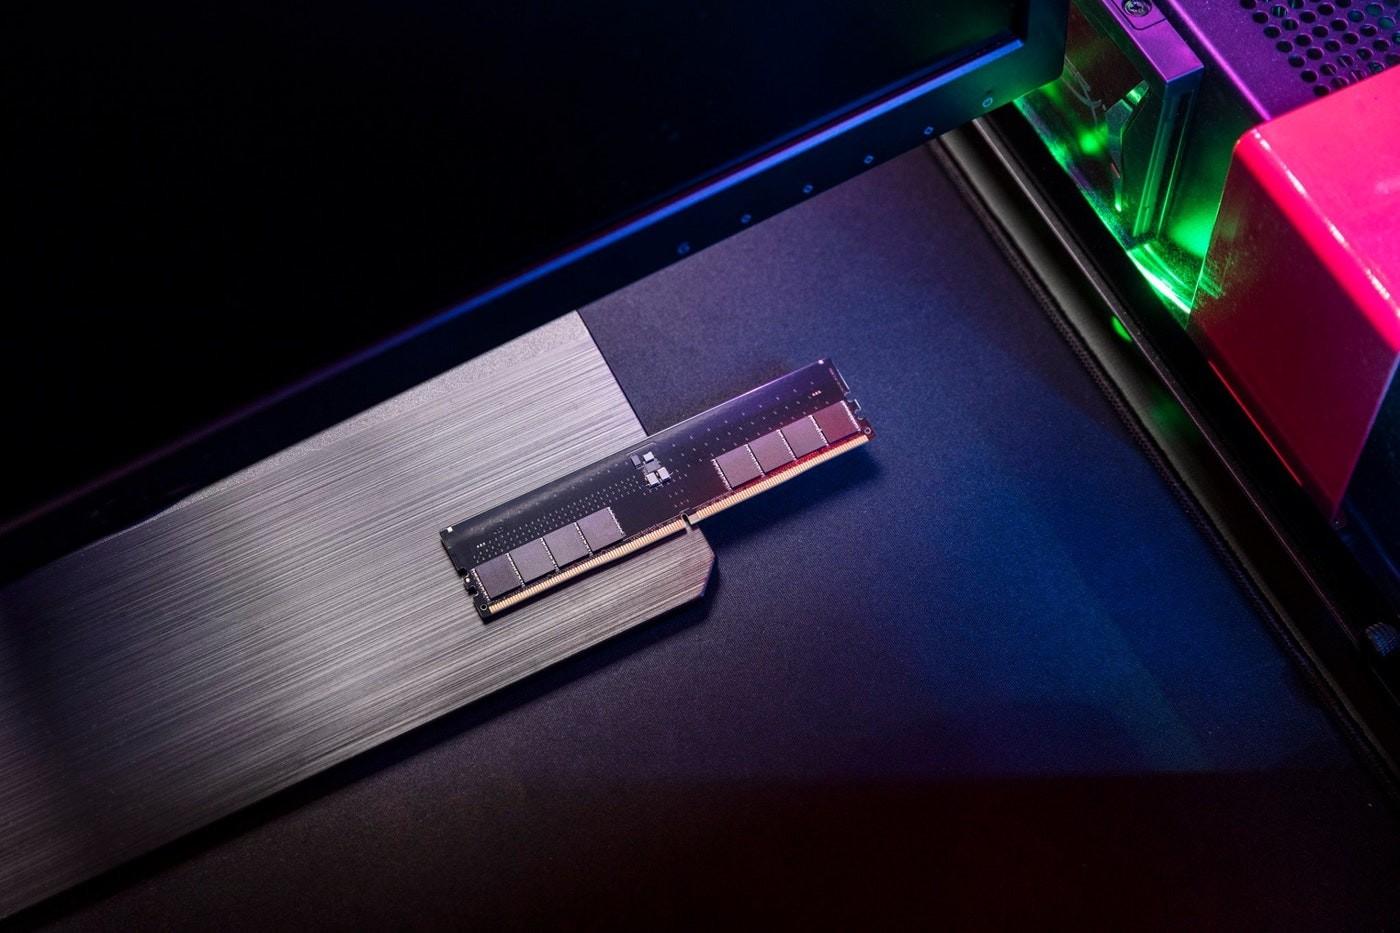 照片中包含了ddr5 金士頓、顯示卡、金士頓科技、DDR5 SDRAM、母板